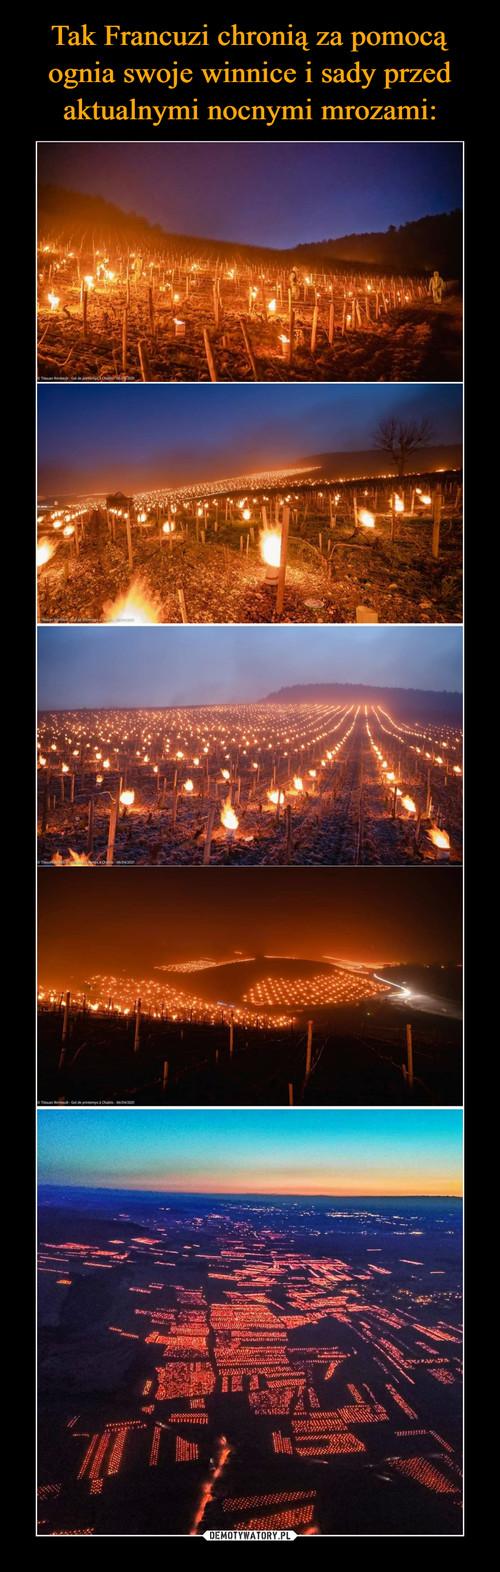 Tak Francuzi chronią za pomocą ognia swoje winnice i sady przed aktualnymi nocnymi mrozami: